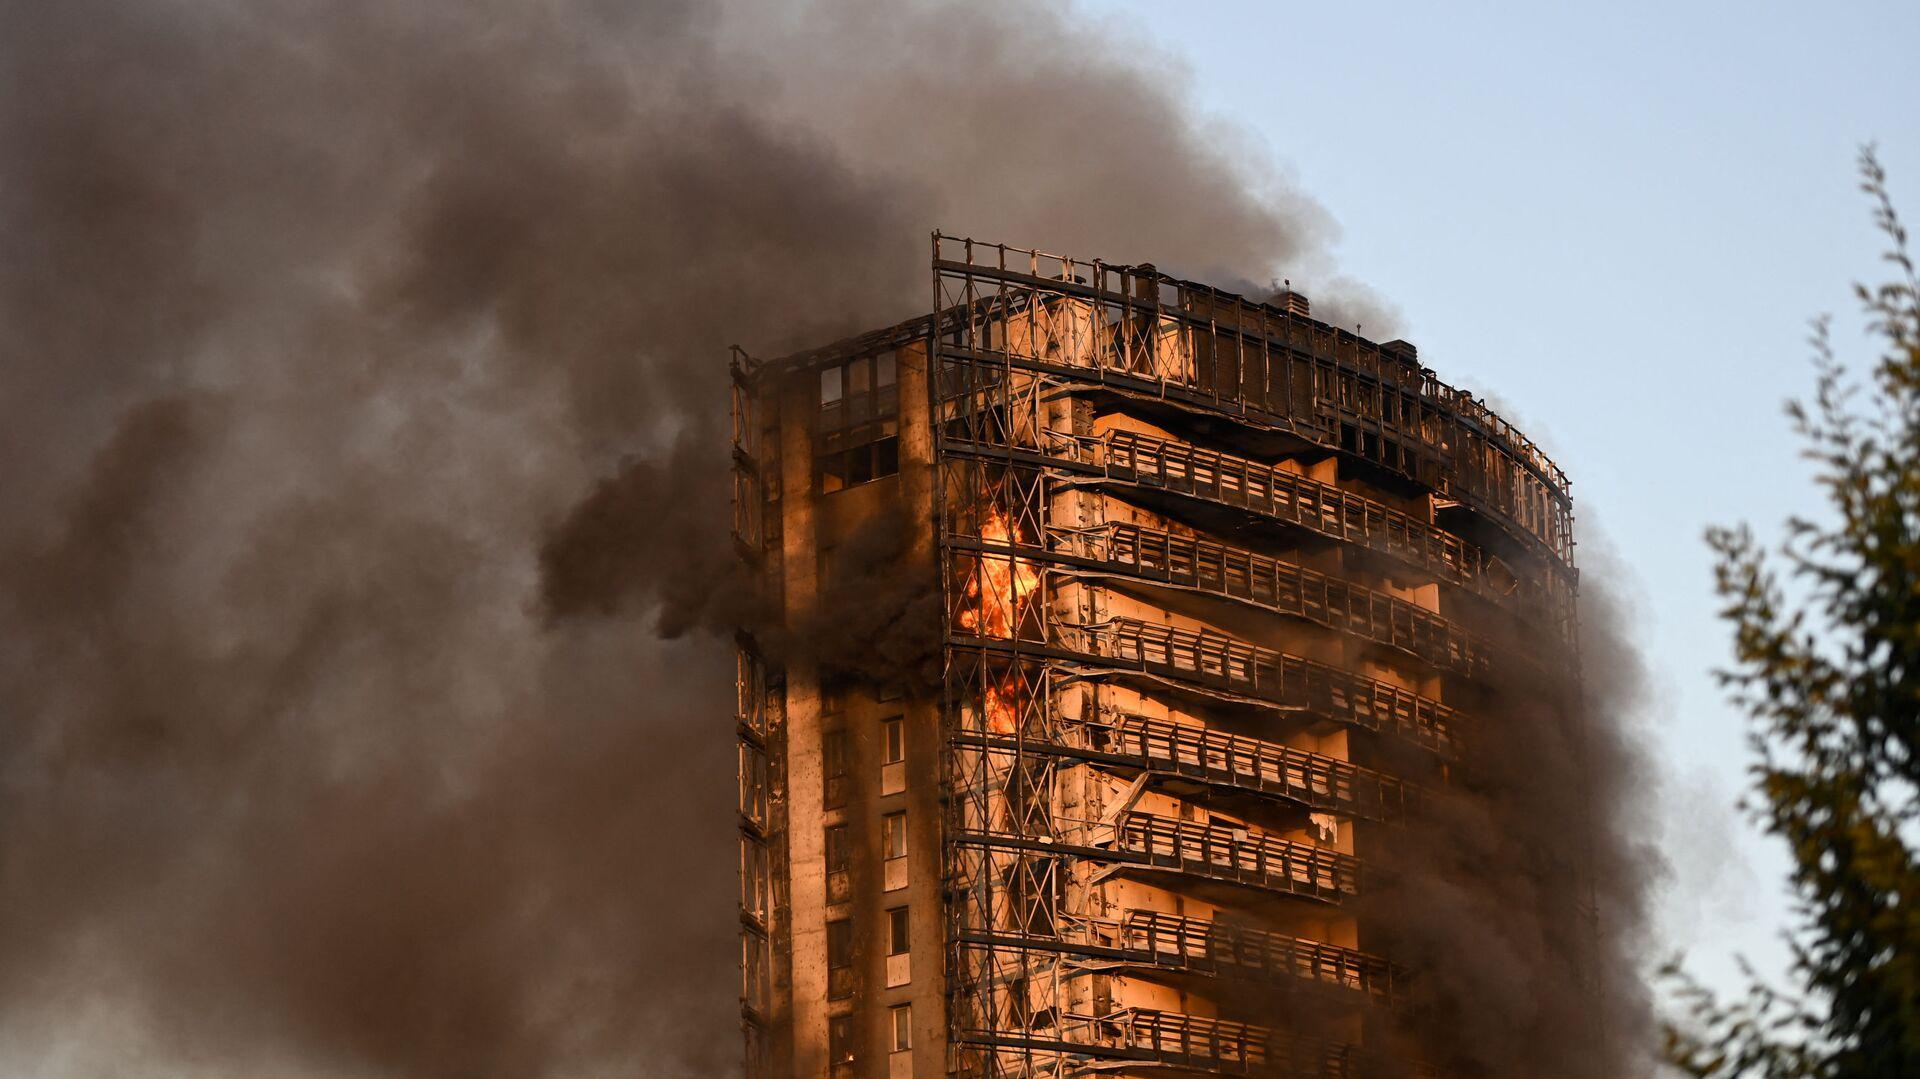 Пожар в здании Torre del Moro в Милане  - Sputnik Italia, 1920, 06.09.2021